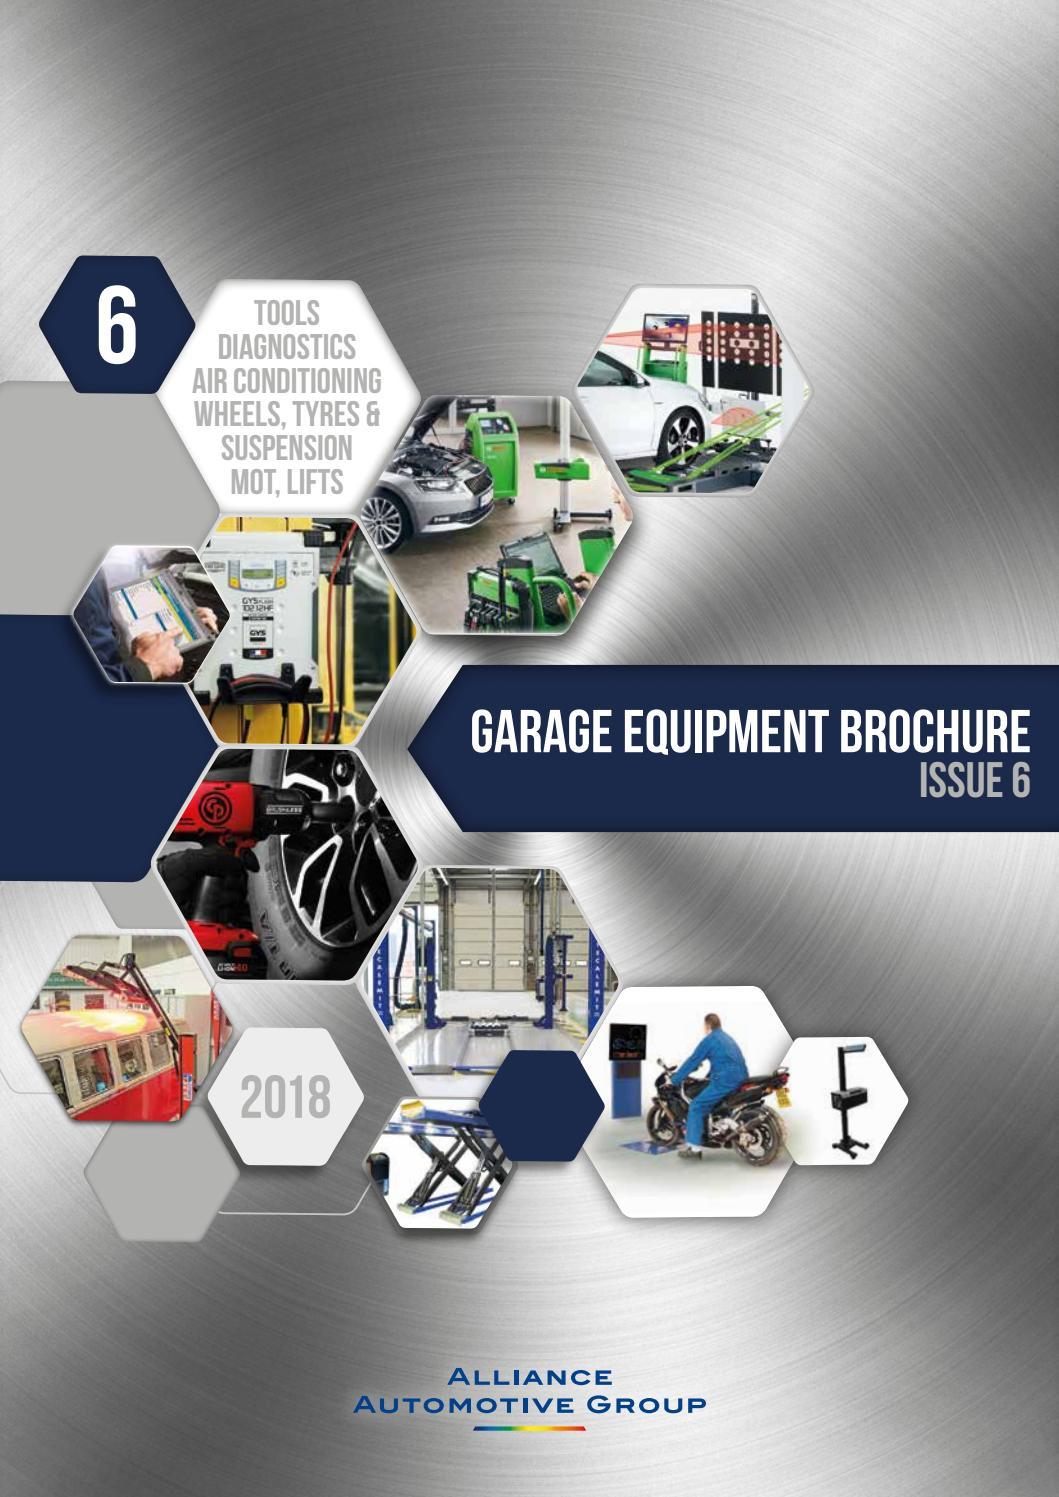 Garage Equipment Brochure Issue 6 2018/19 by Workshop Pro